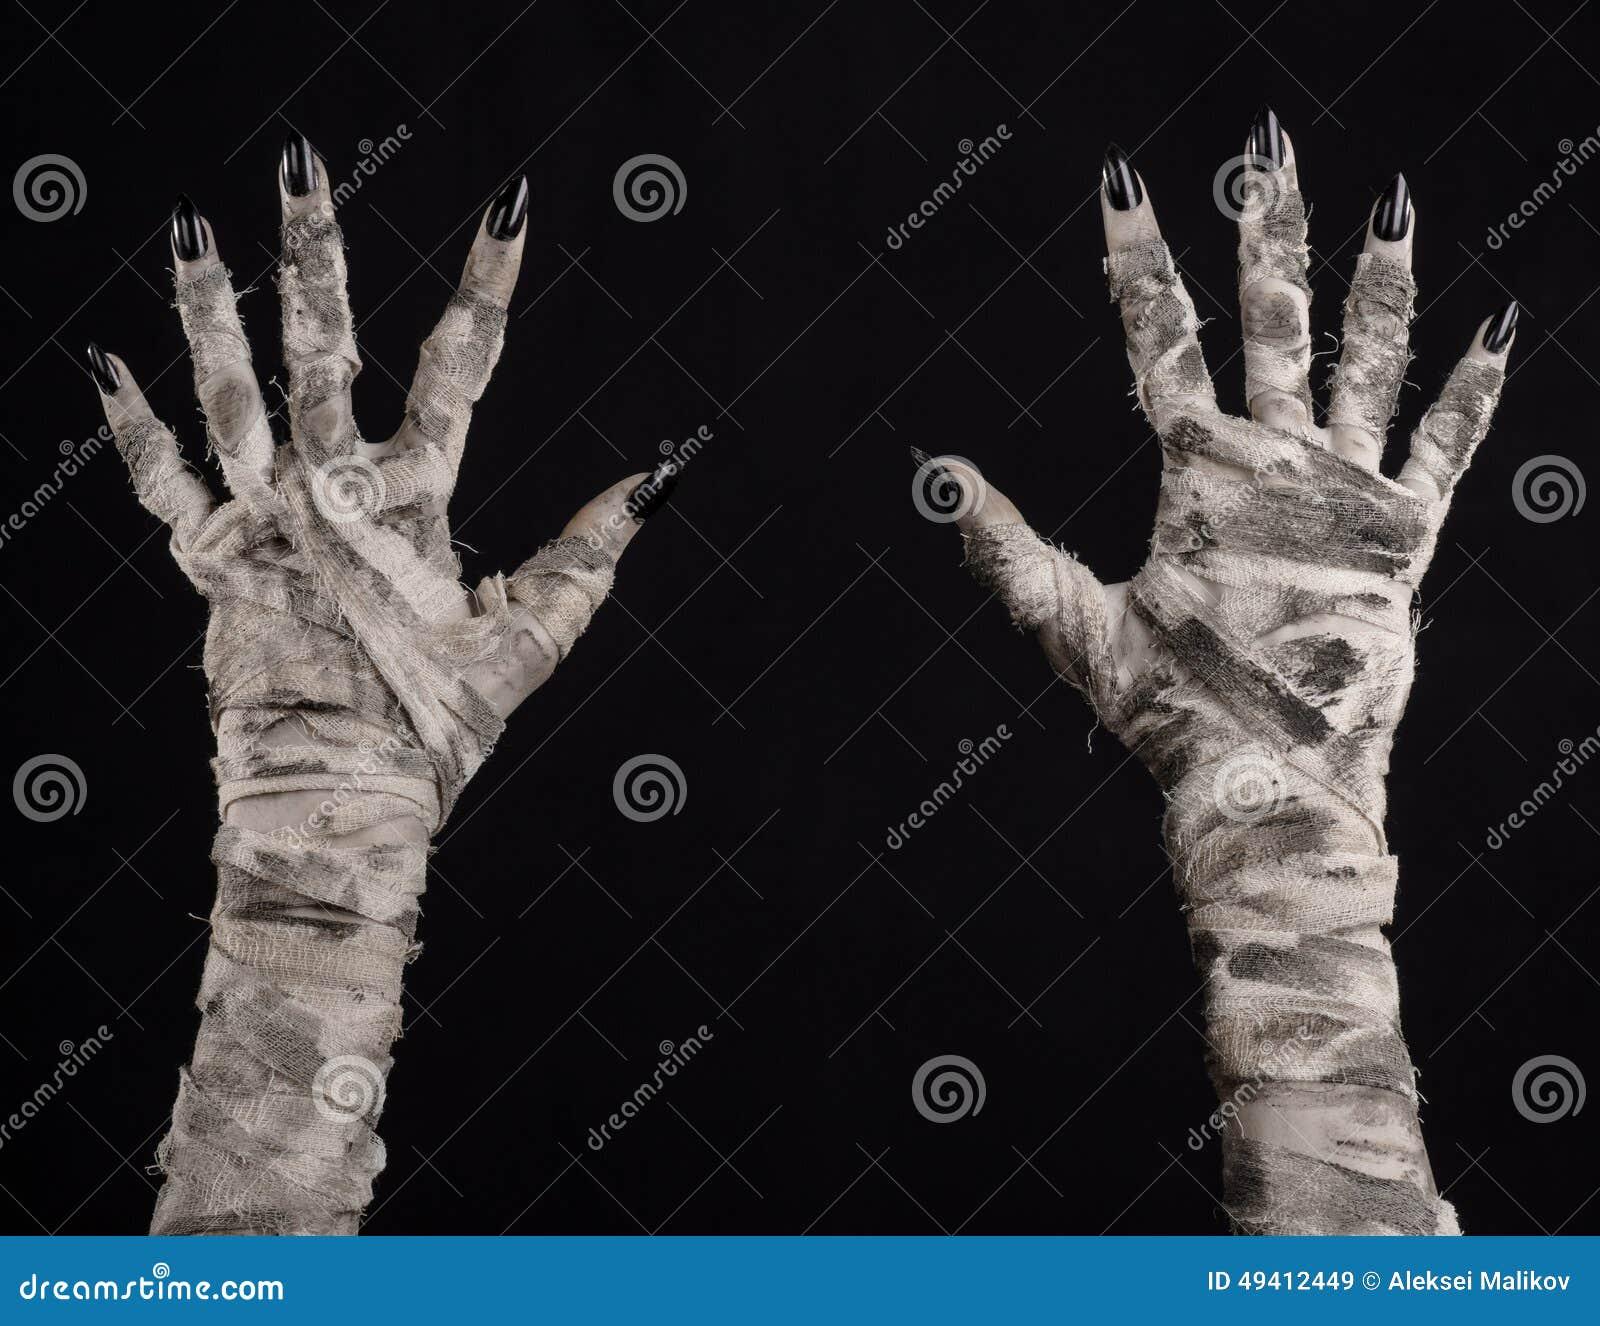 Download Halloween-Thema: Schreckliche Alte Mamahände Auf Einem Schwarzen Hintergrund Stockbild - Bild von dämon, krypta: 49412449